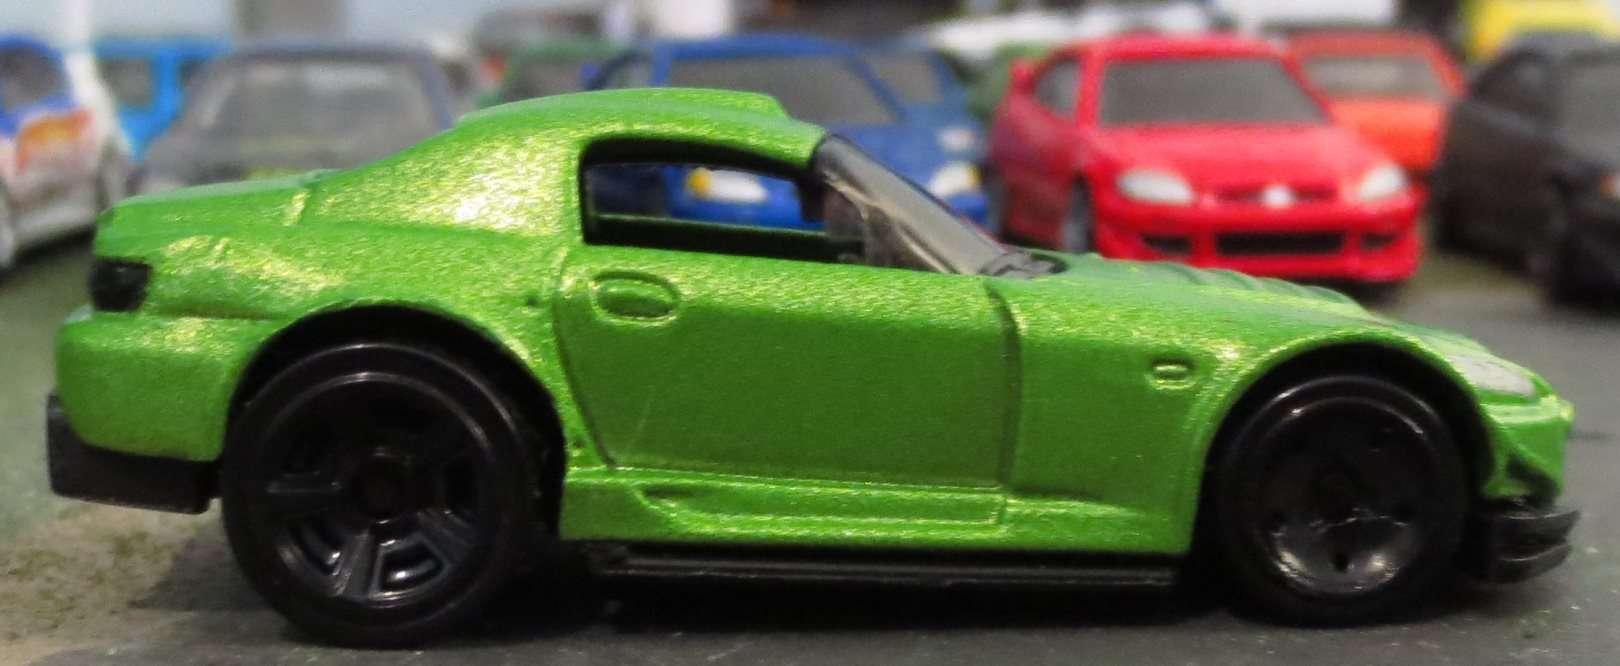 Infamous Racing Mitsubishi-Honda S2000 Dragster - HobbyTalk